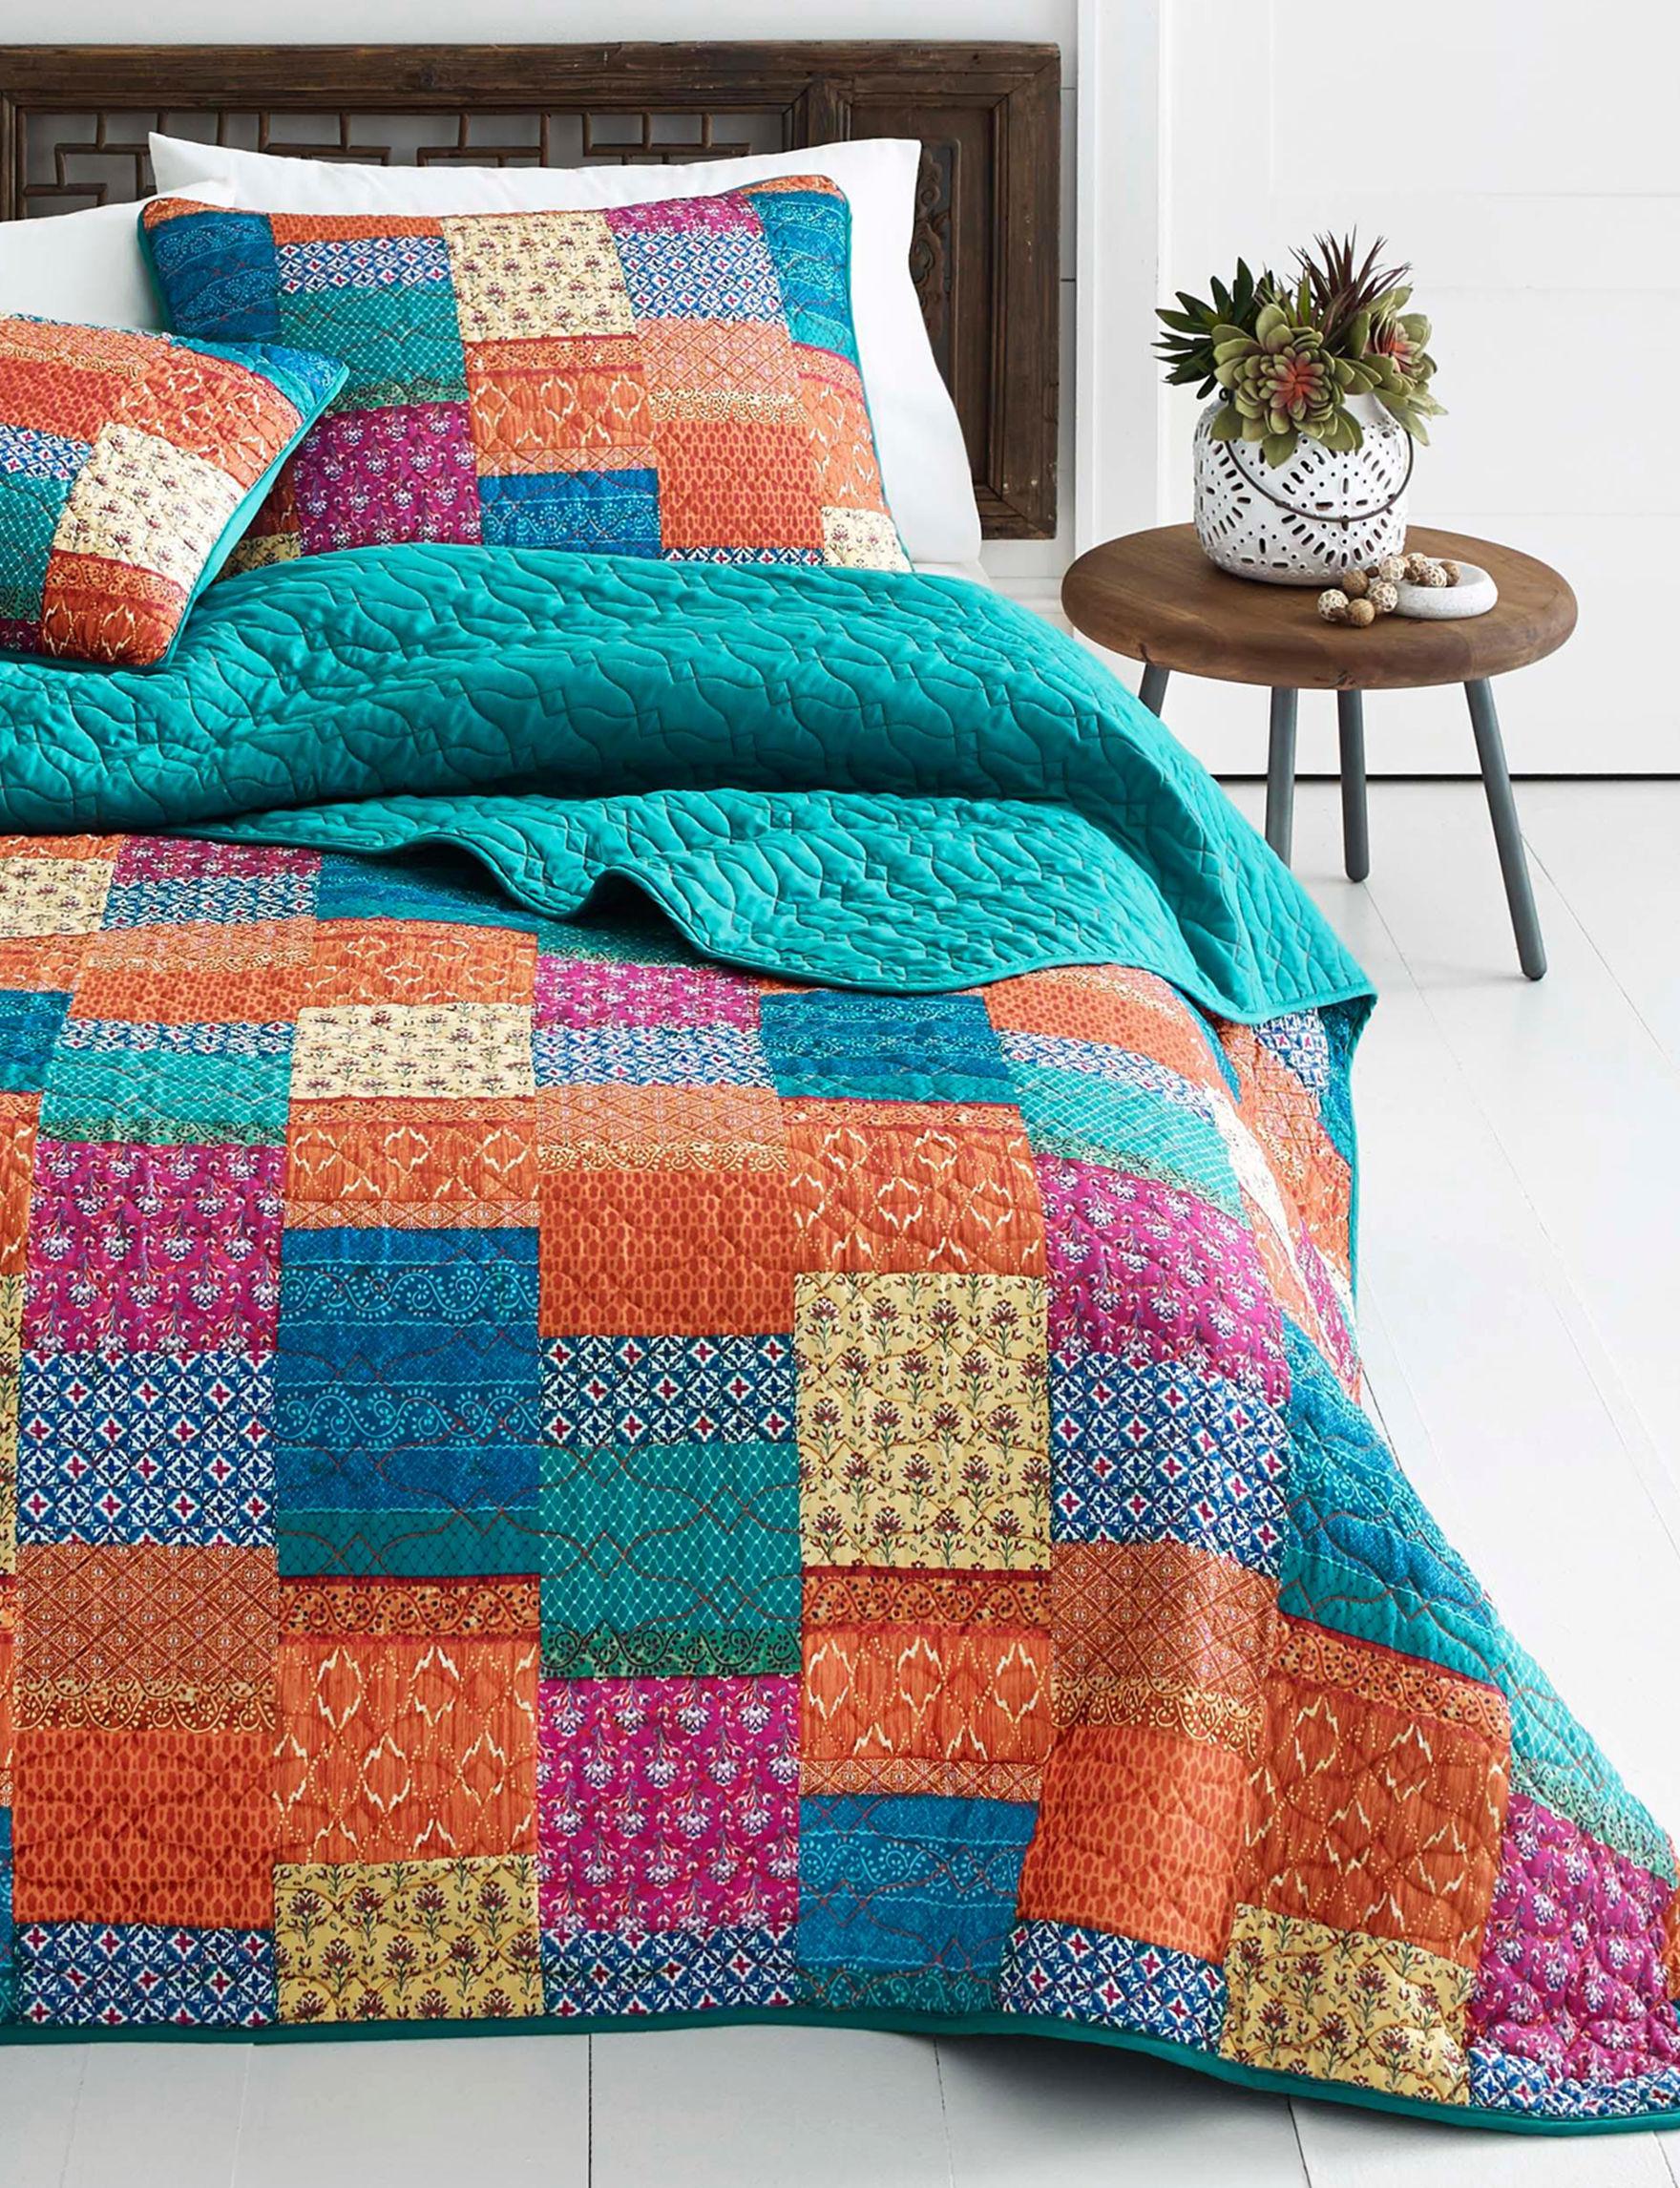 Azalea Turquoise Multi Quilts & Quilt Sets